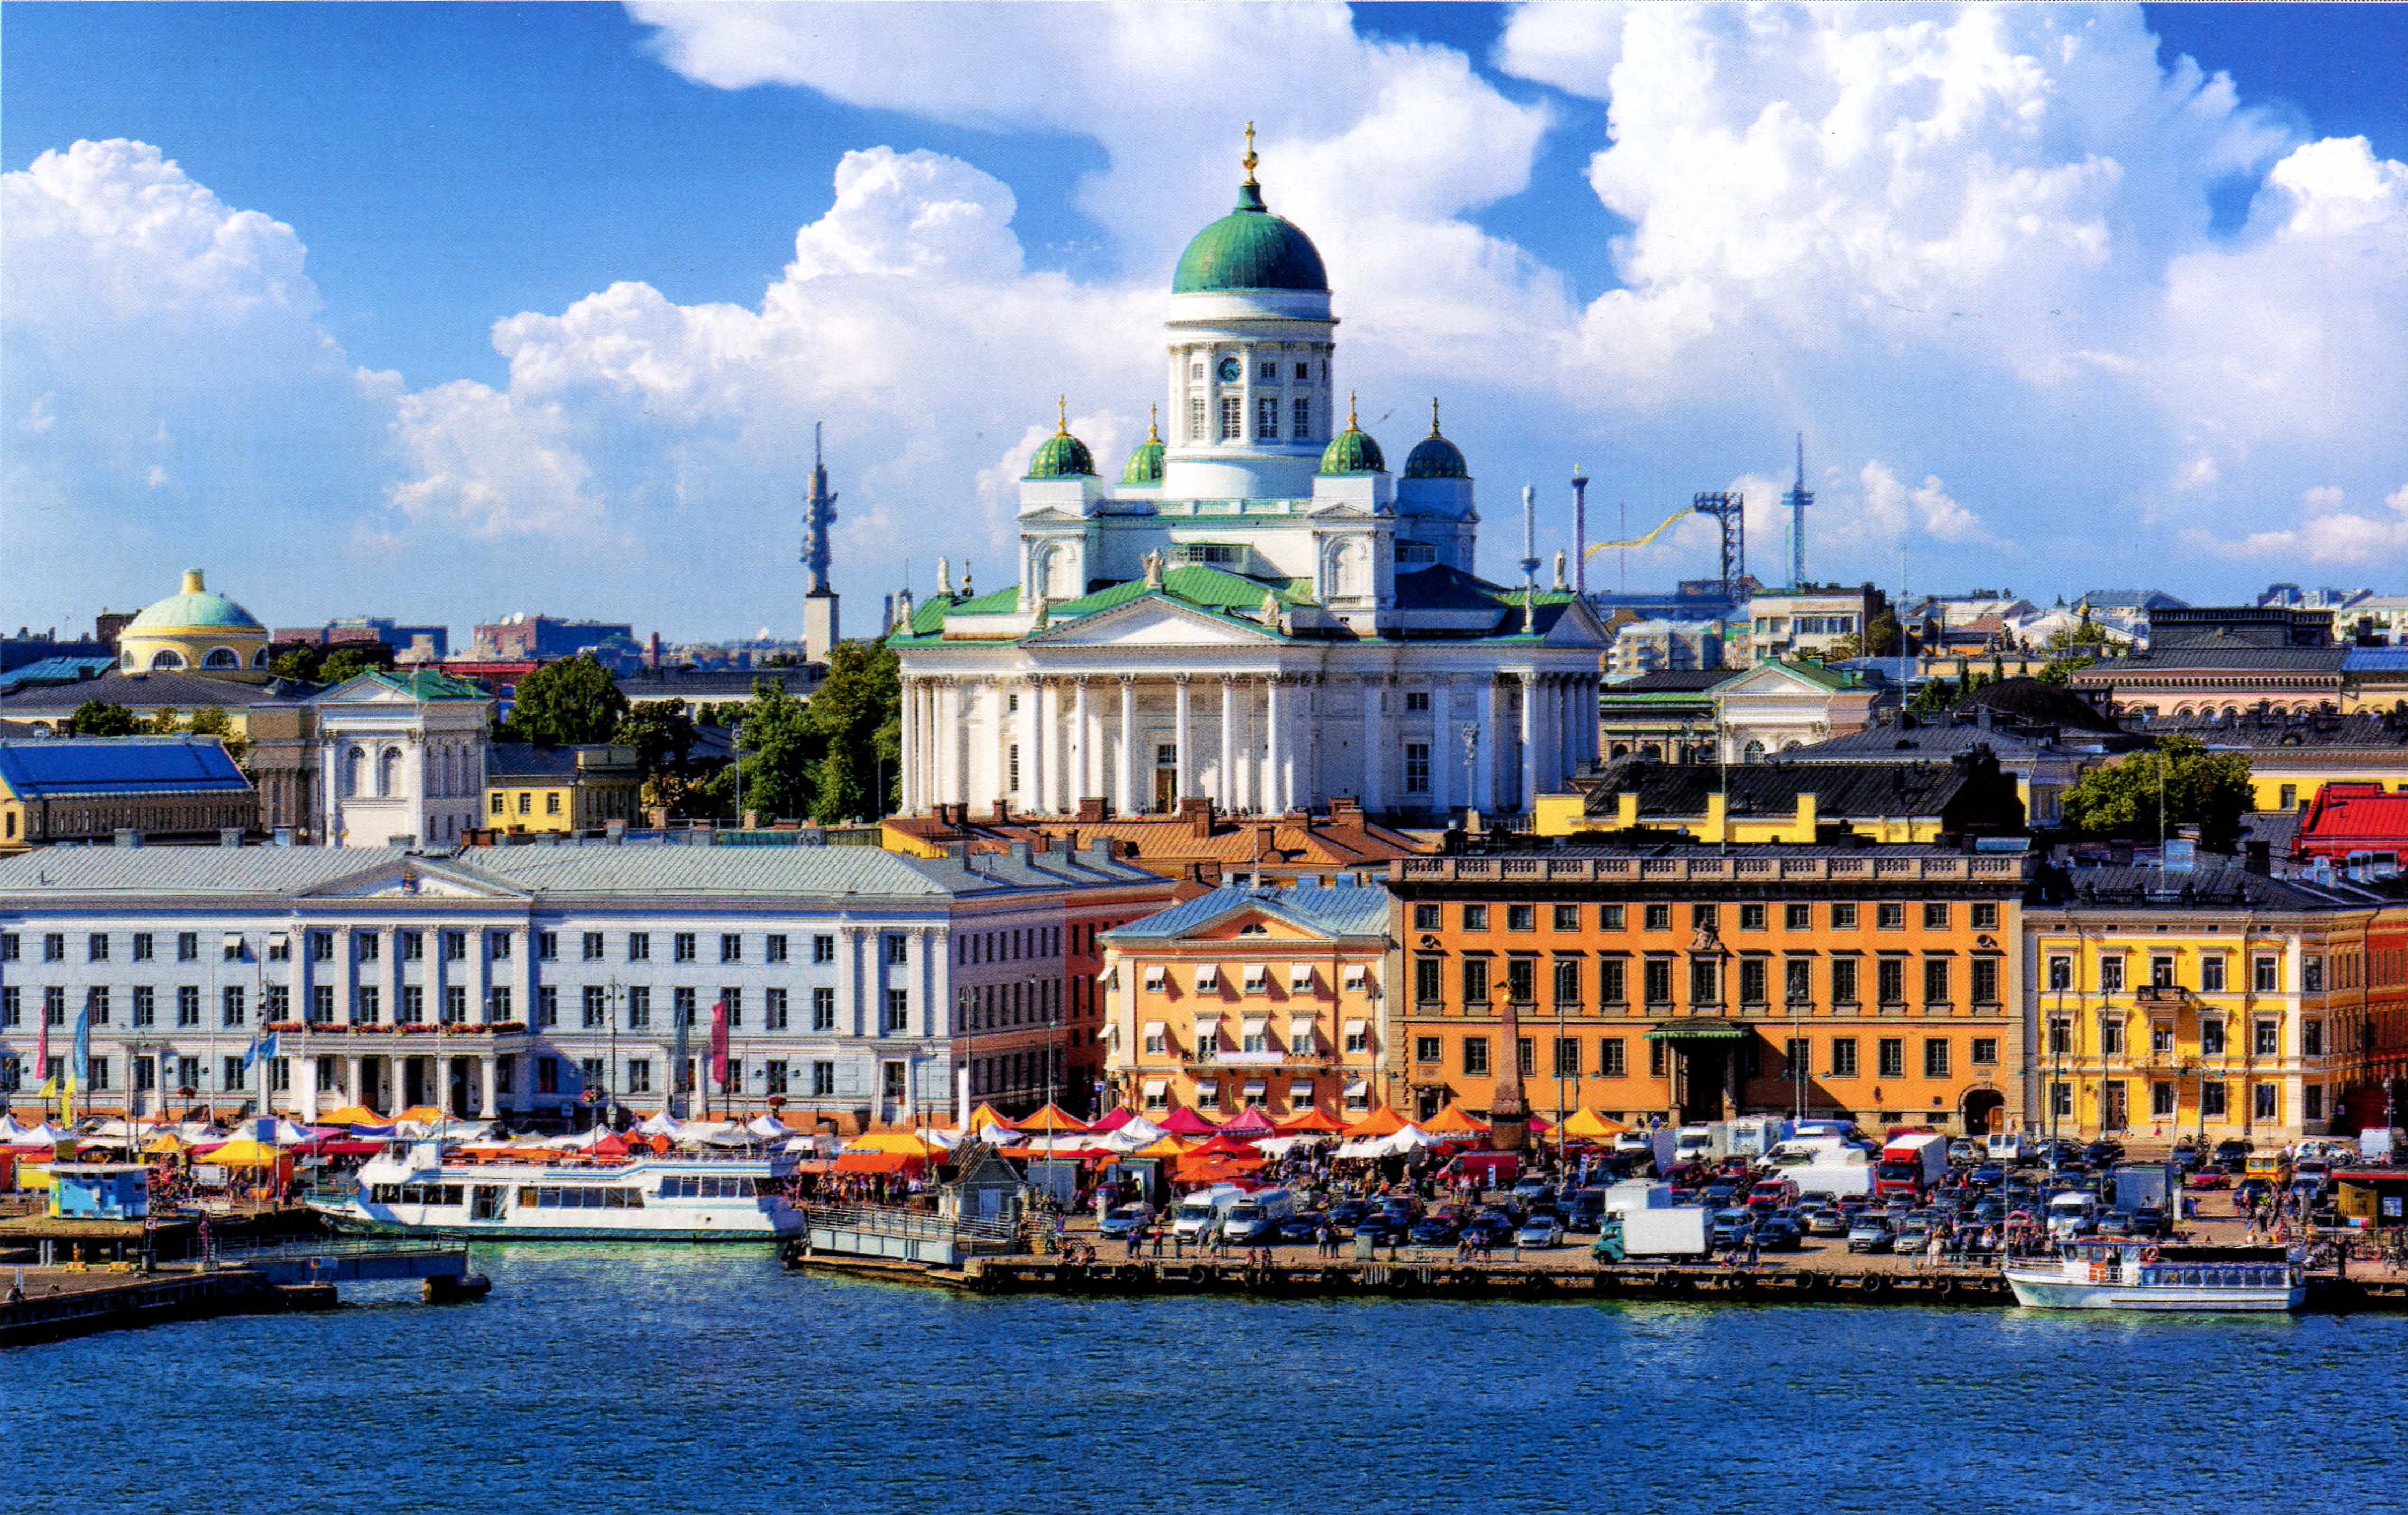 Финляндия – одна из 10 предпочитаемых россиянами стран для отдыха